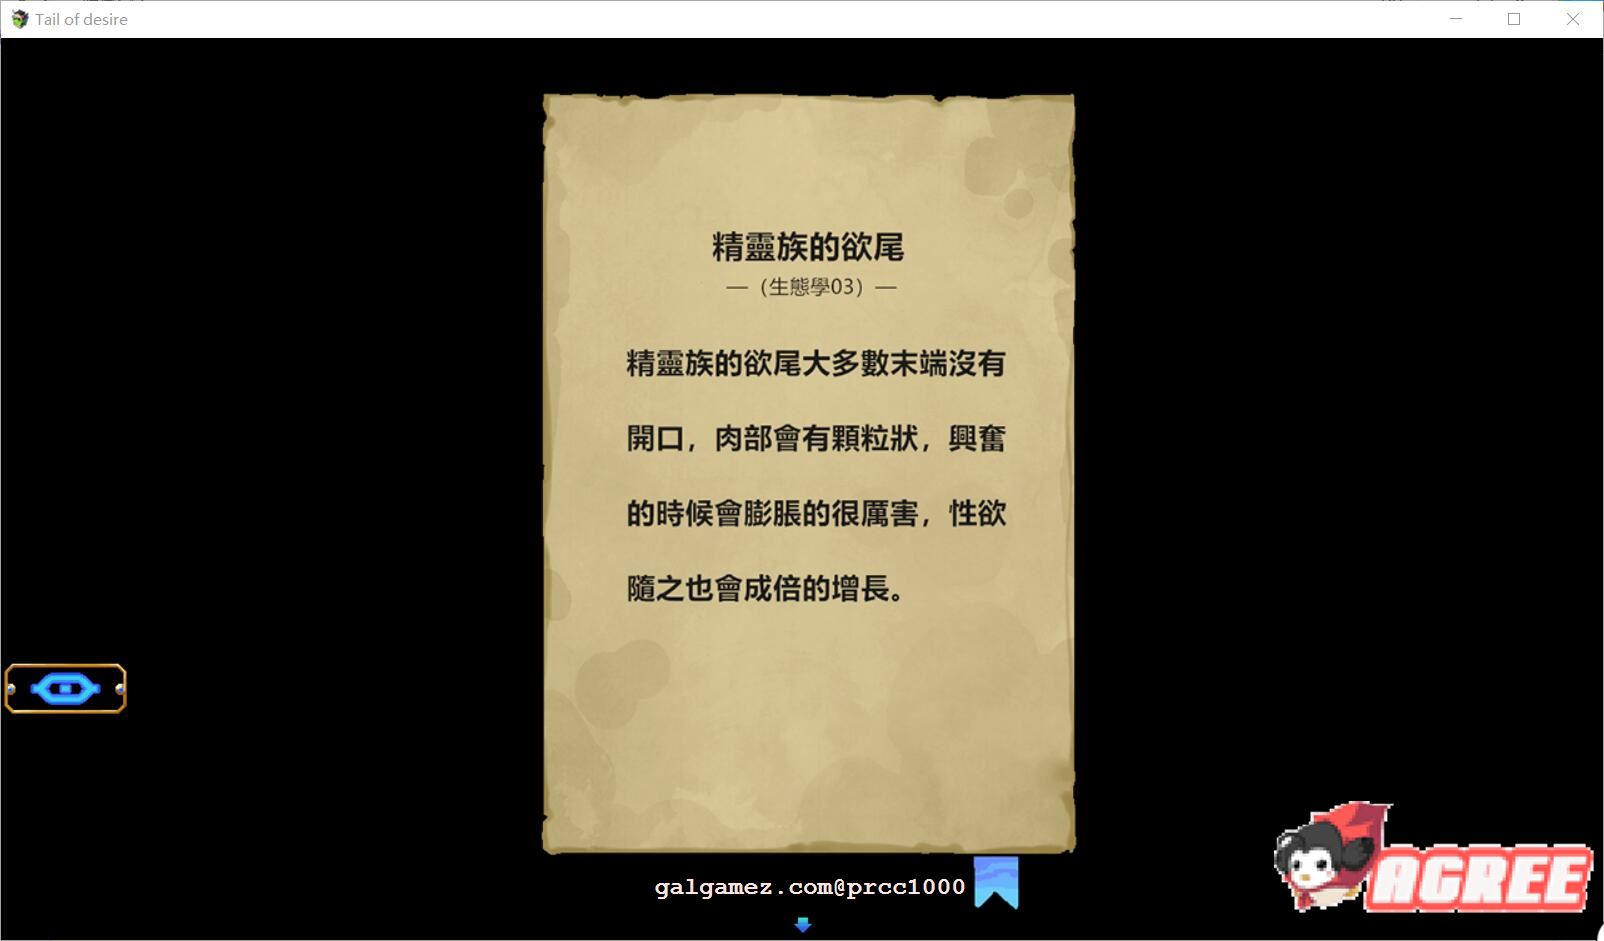 [神级RPG/中文/步兵]欲望之尾 V0.6.2 官方中文版+全CG存档[FM/百度/OD][1.5G] 9